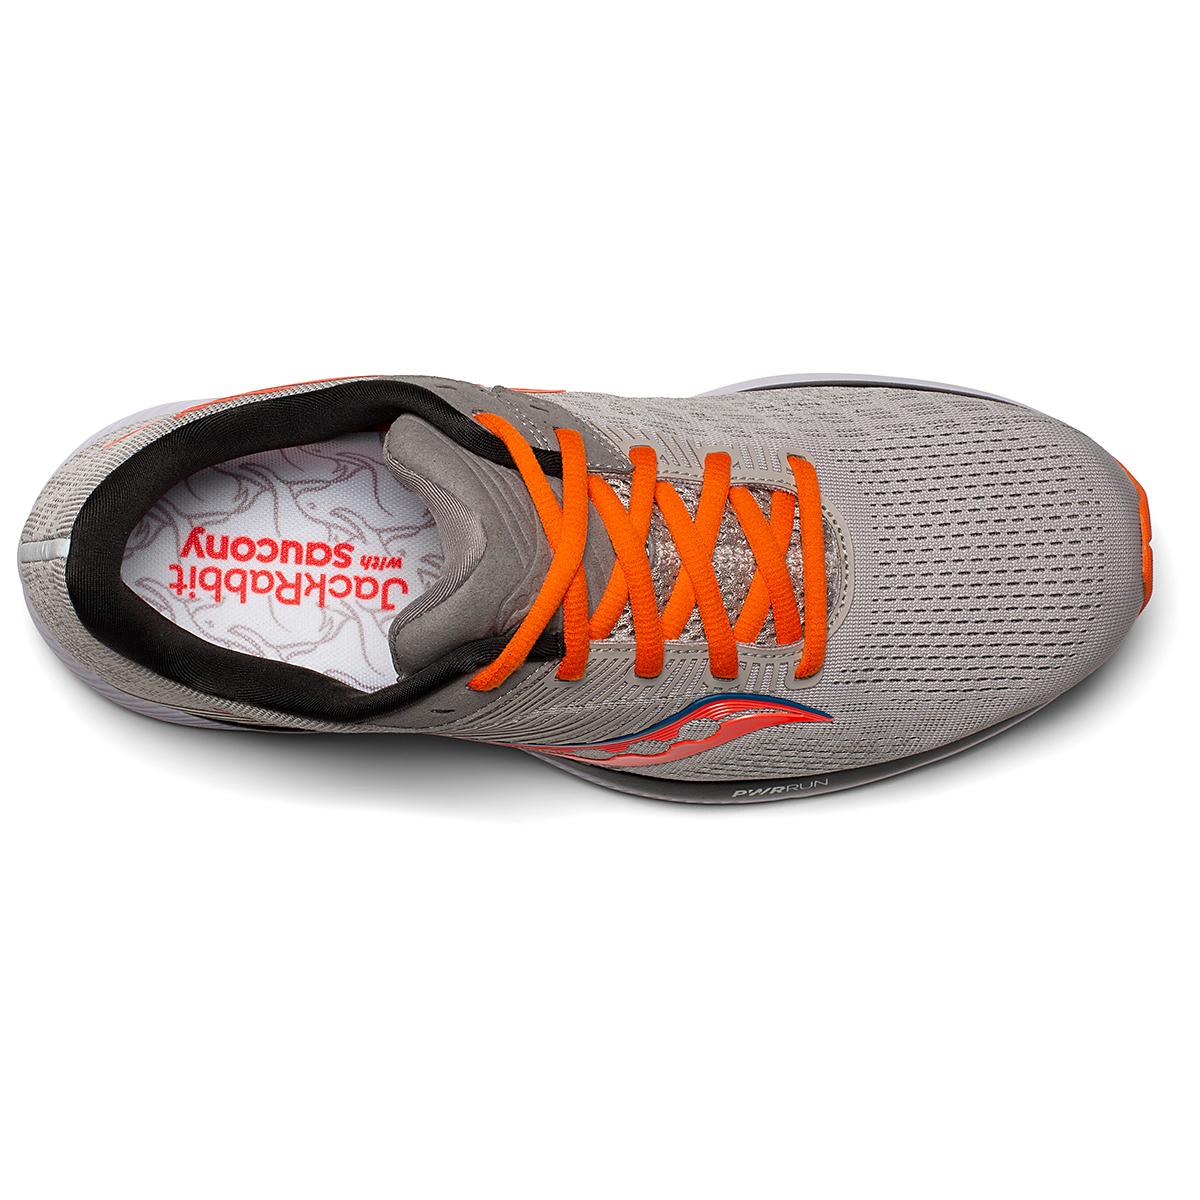 Men's Saucony Guide 14 Running Shoe - Color: Jackalope - Size: 7 - Width: Regular, Jackalope, large, image 3